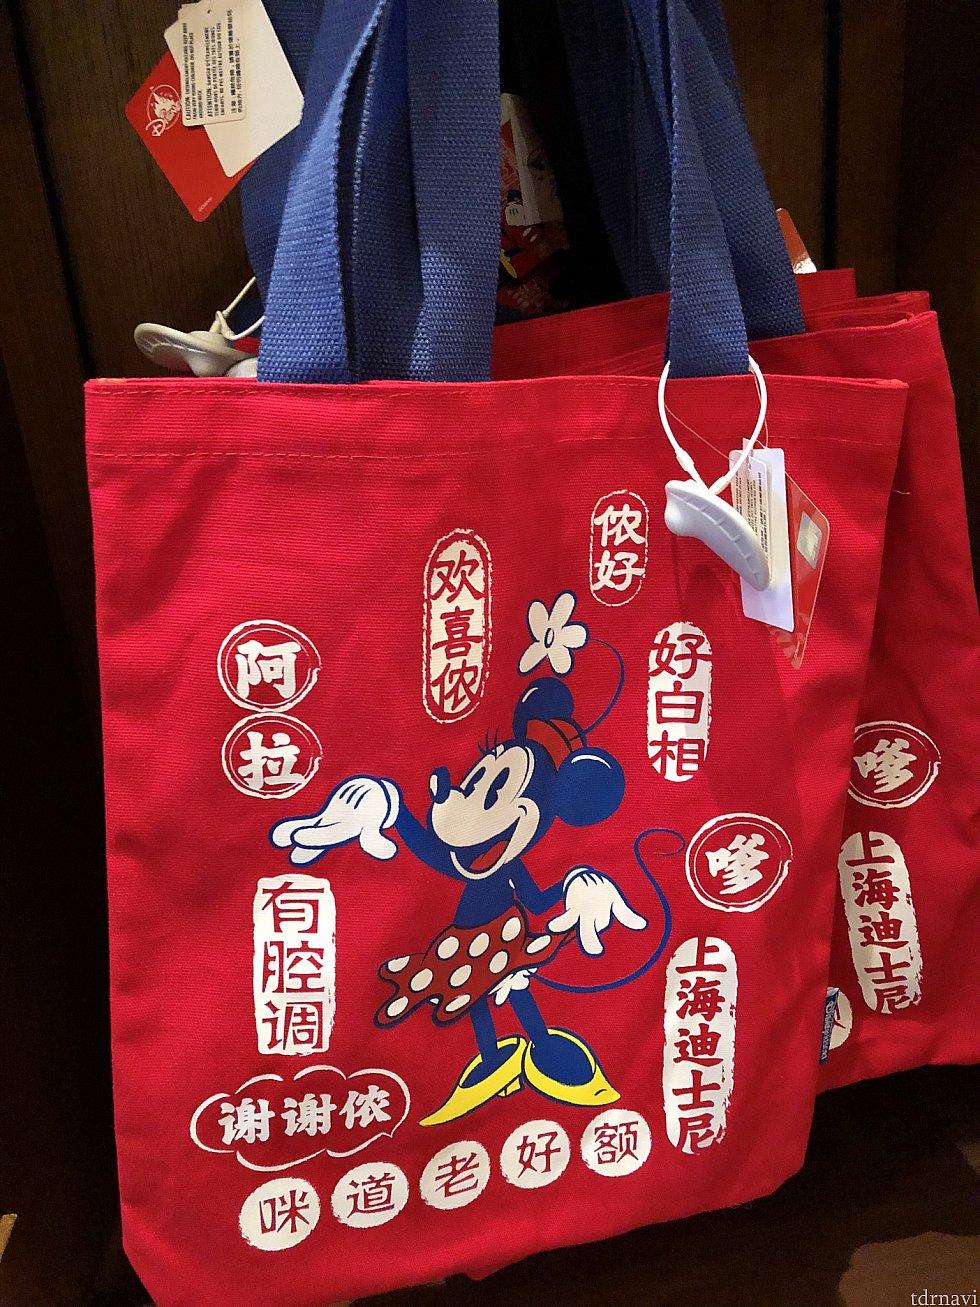 ミニーちゃんなは赤地に上海語が色々! 阿拉=私たち 好白相=楽しい、面白い 侬=你=あなた 有腔調=素敵、かっこいい という感じらしいです。